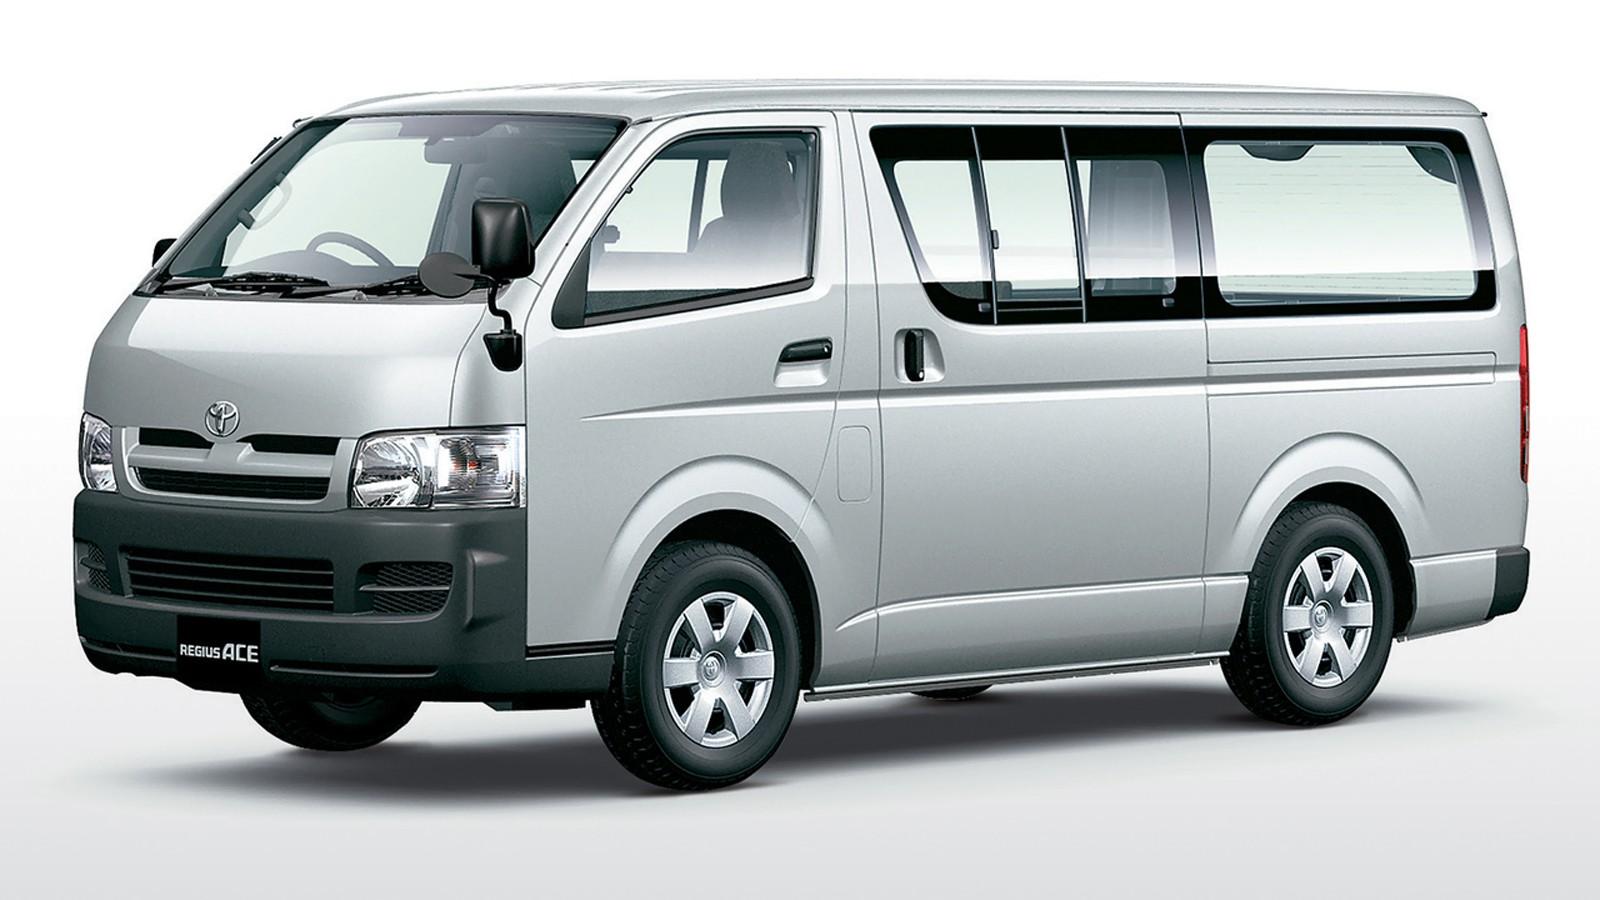 На фото: Toyota Regius Ace